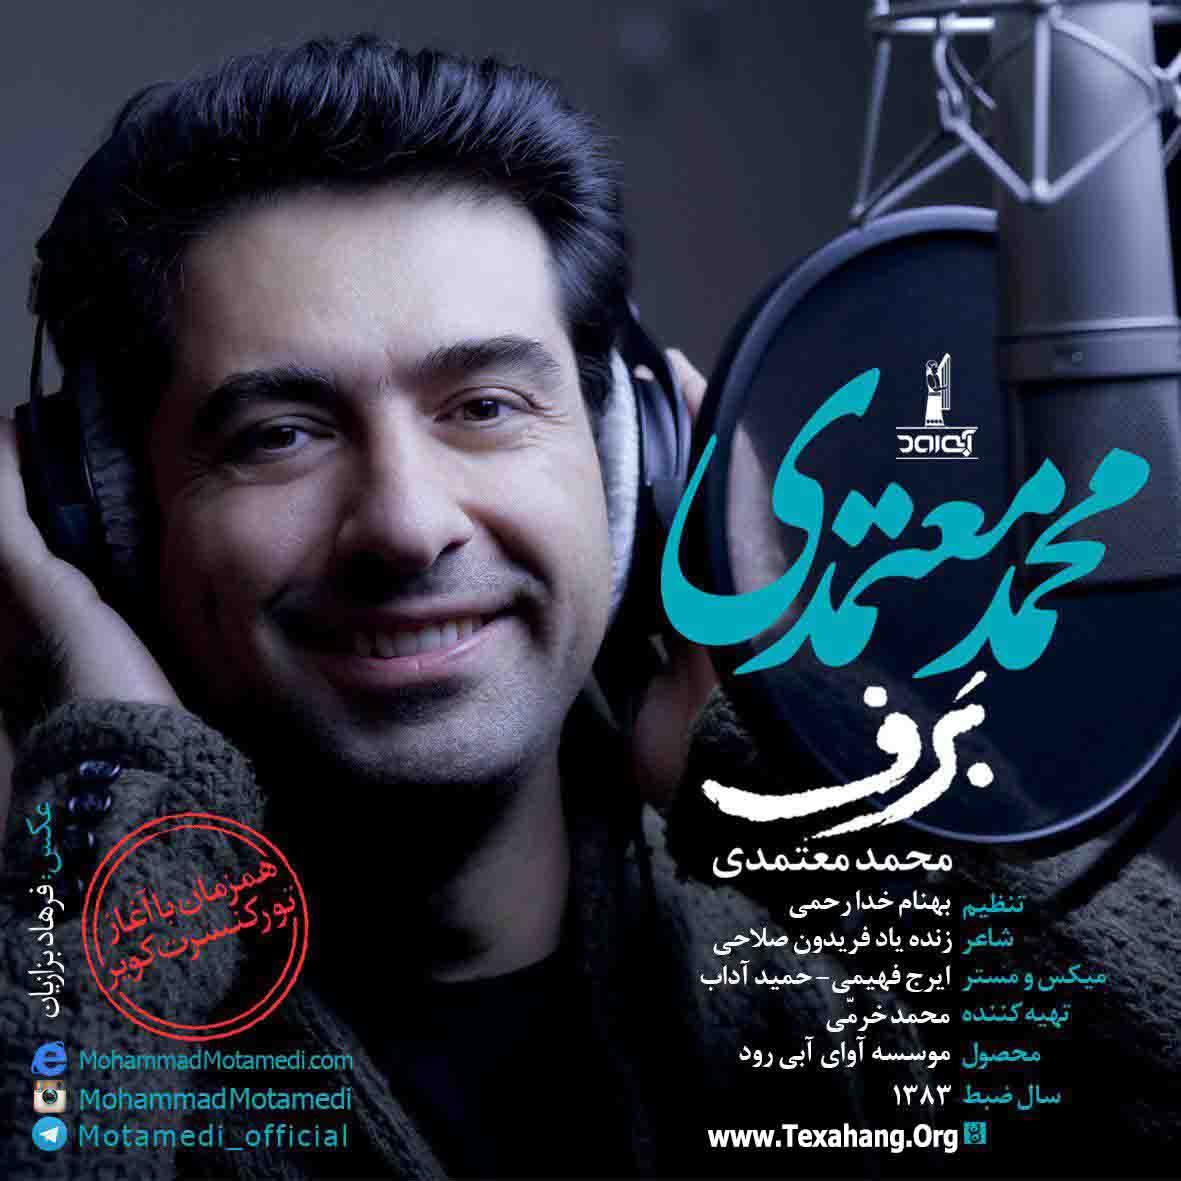 متن آهنگ جدید برف از محمد معتمدی